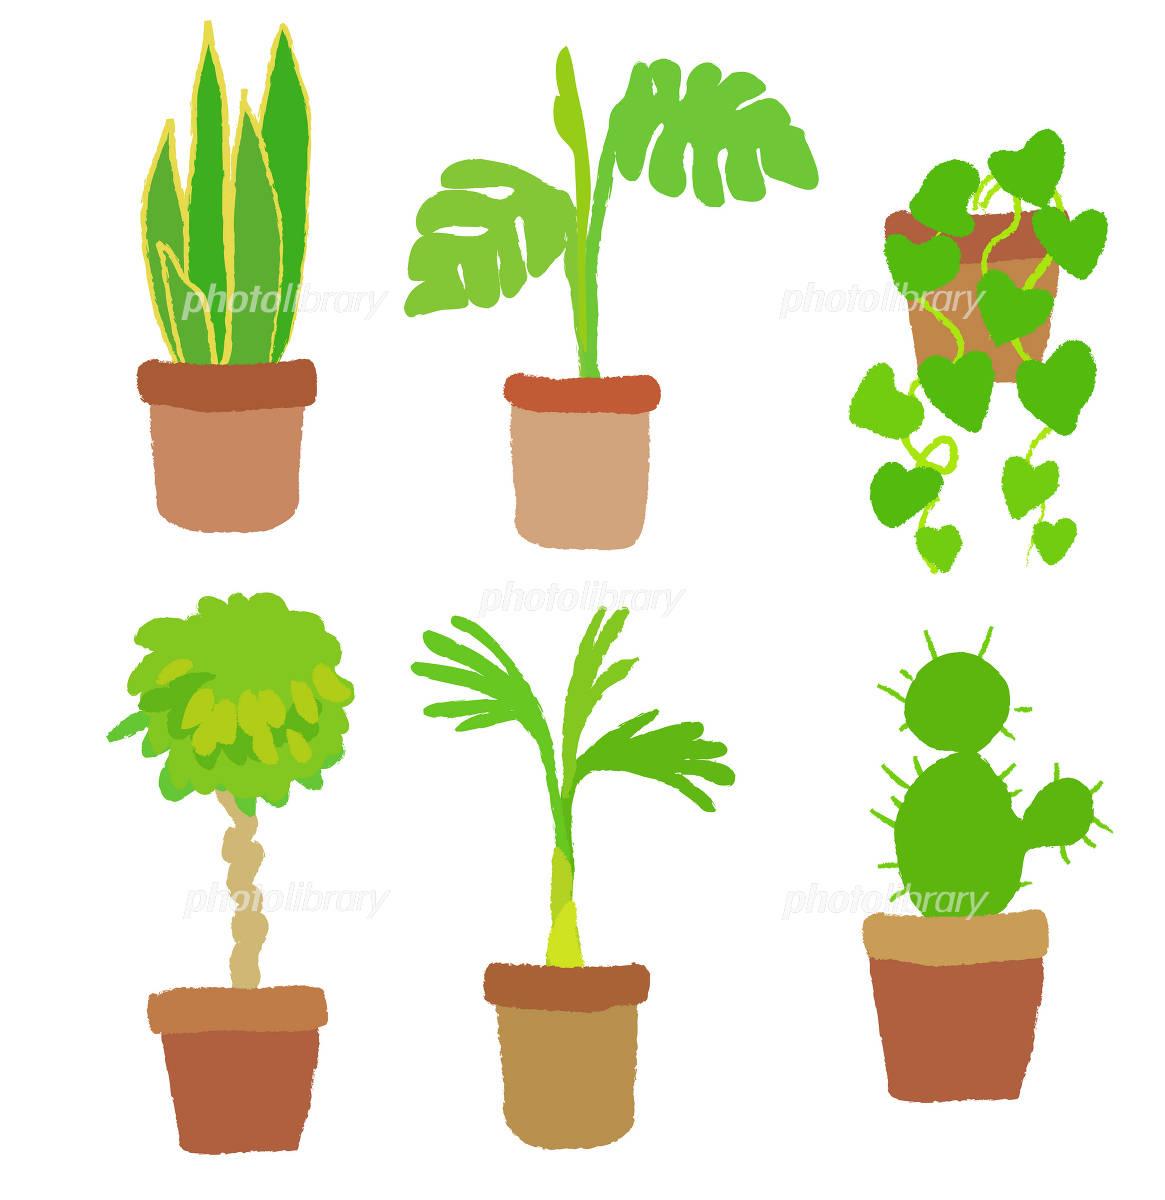 観葉植物 イラスト素材 1036829 フォトライブラリー Photolibrary